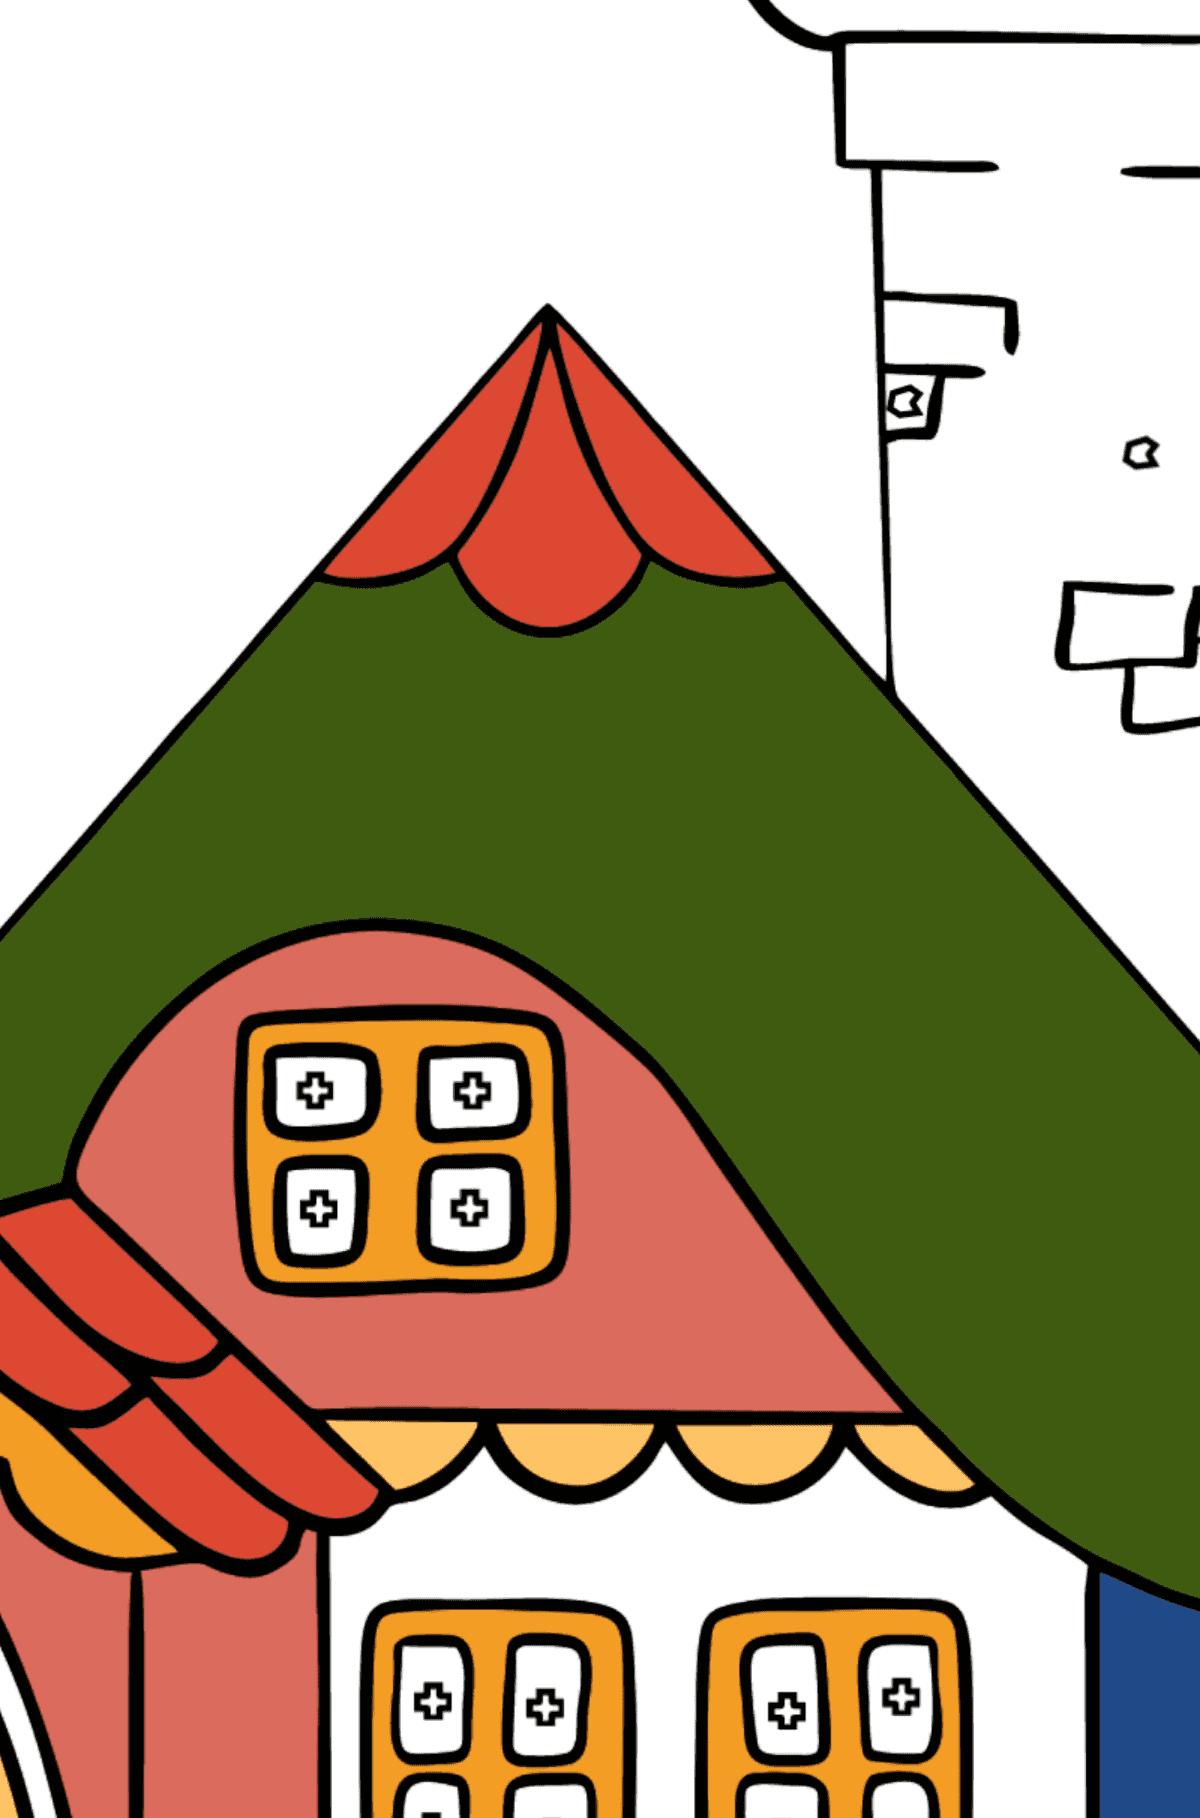 Сложная раскраска домик дивный - Раскраска по Геометрическим Фигурам для Детей